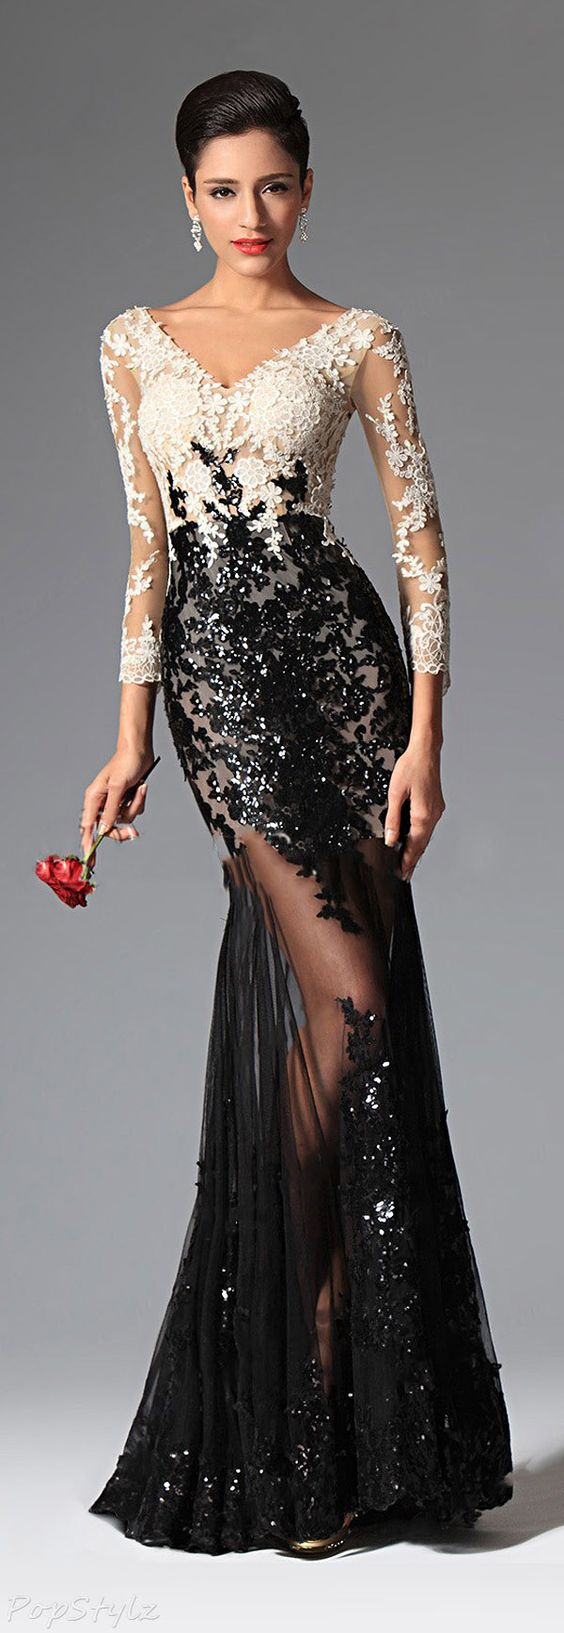 vestidos-de-renda-longo-preto-com-nude